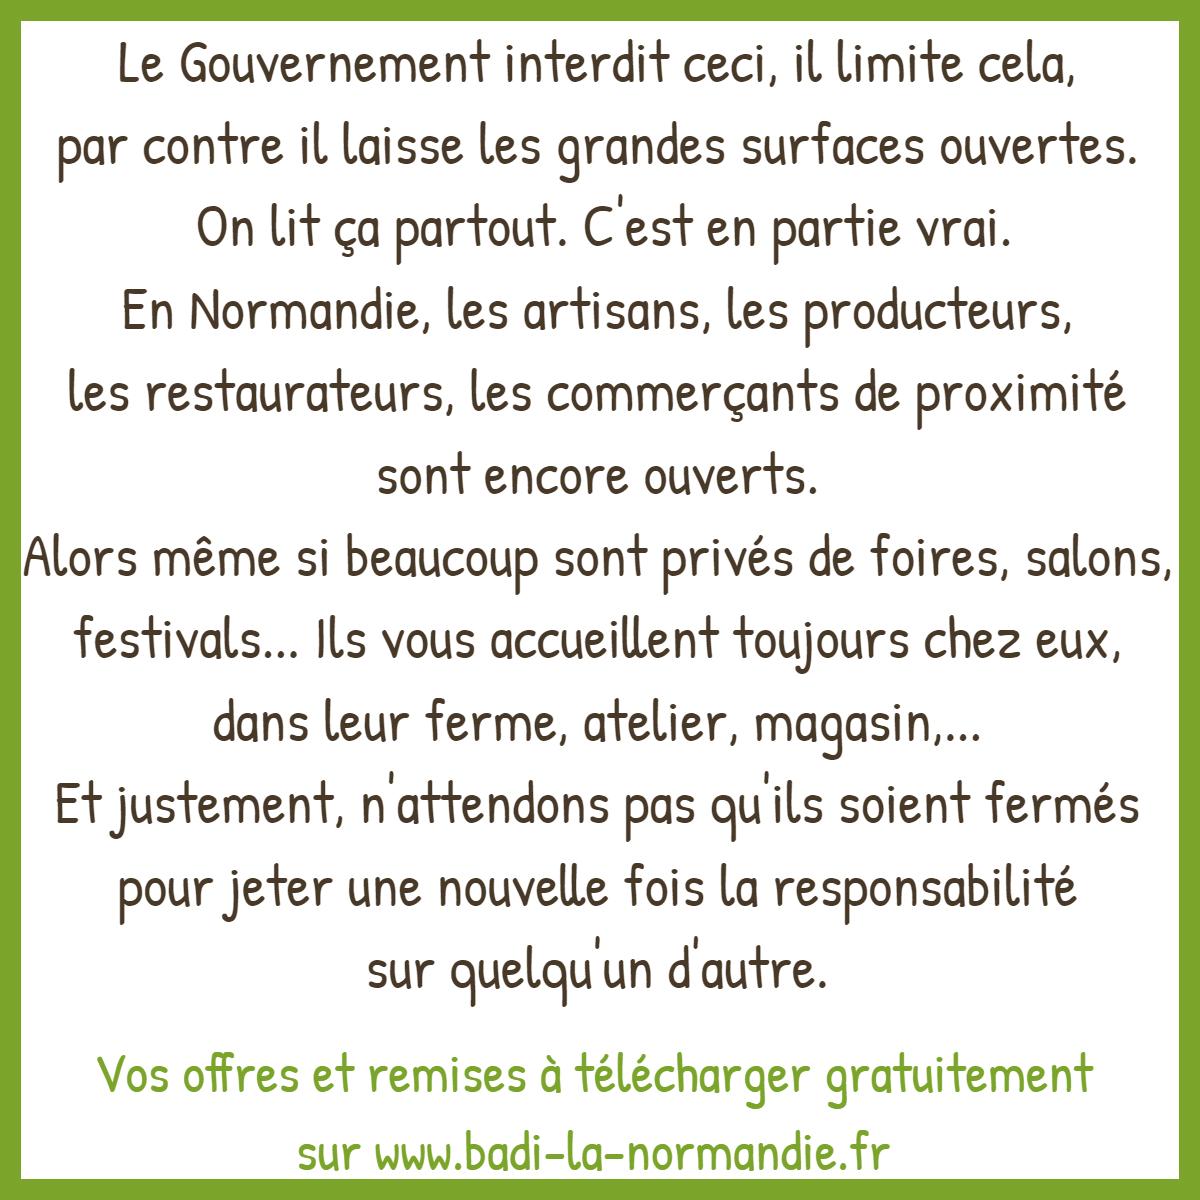 #ConsommationLocale c'est possible ! Le dire c'est bien, le faire c'est mieux. En #Normandie, vos offres et #remises à télécharger gratuitement sur https://t.co/k3G6nm4tkM #BDLN #proximité #commerçants #producteurs #restaurant #artisan https://t.co/dWQXlgb5g6